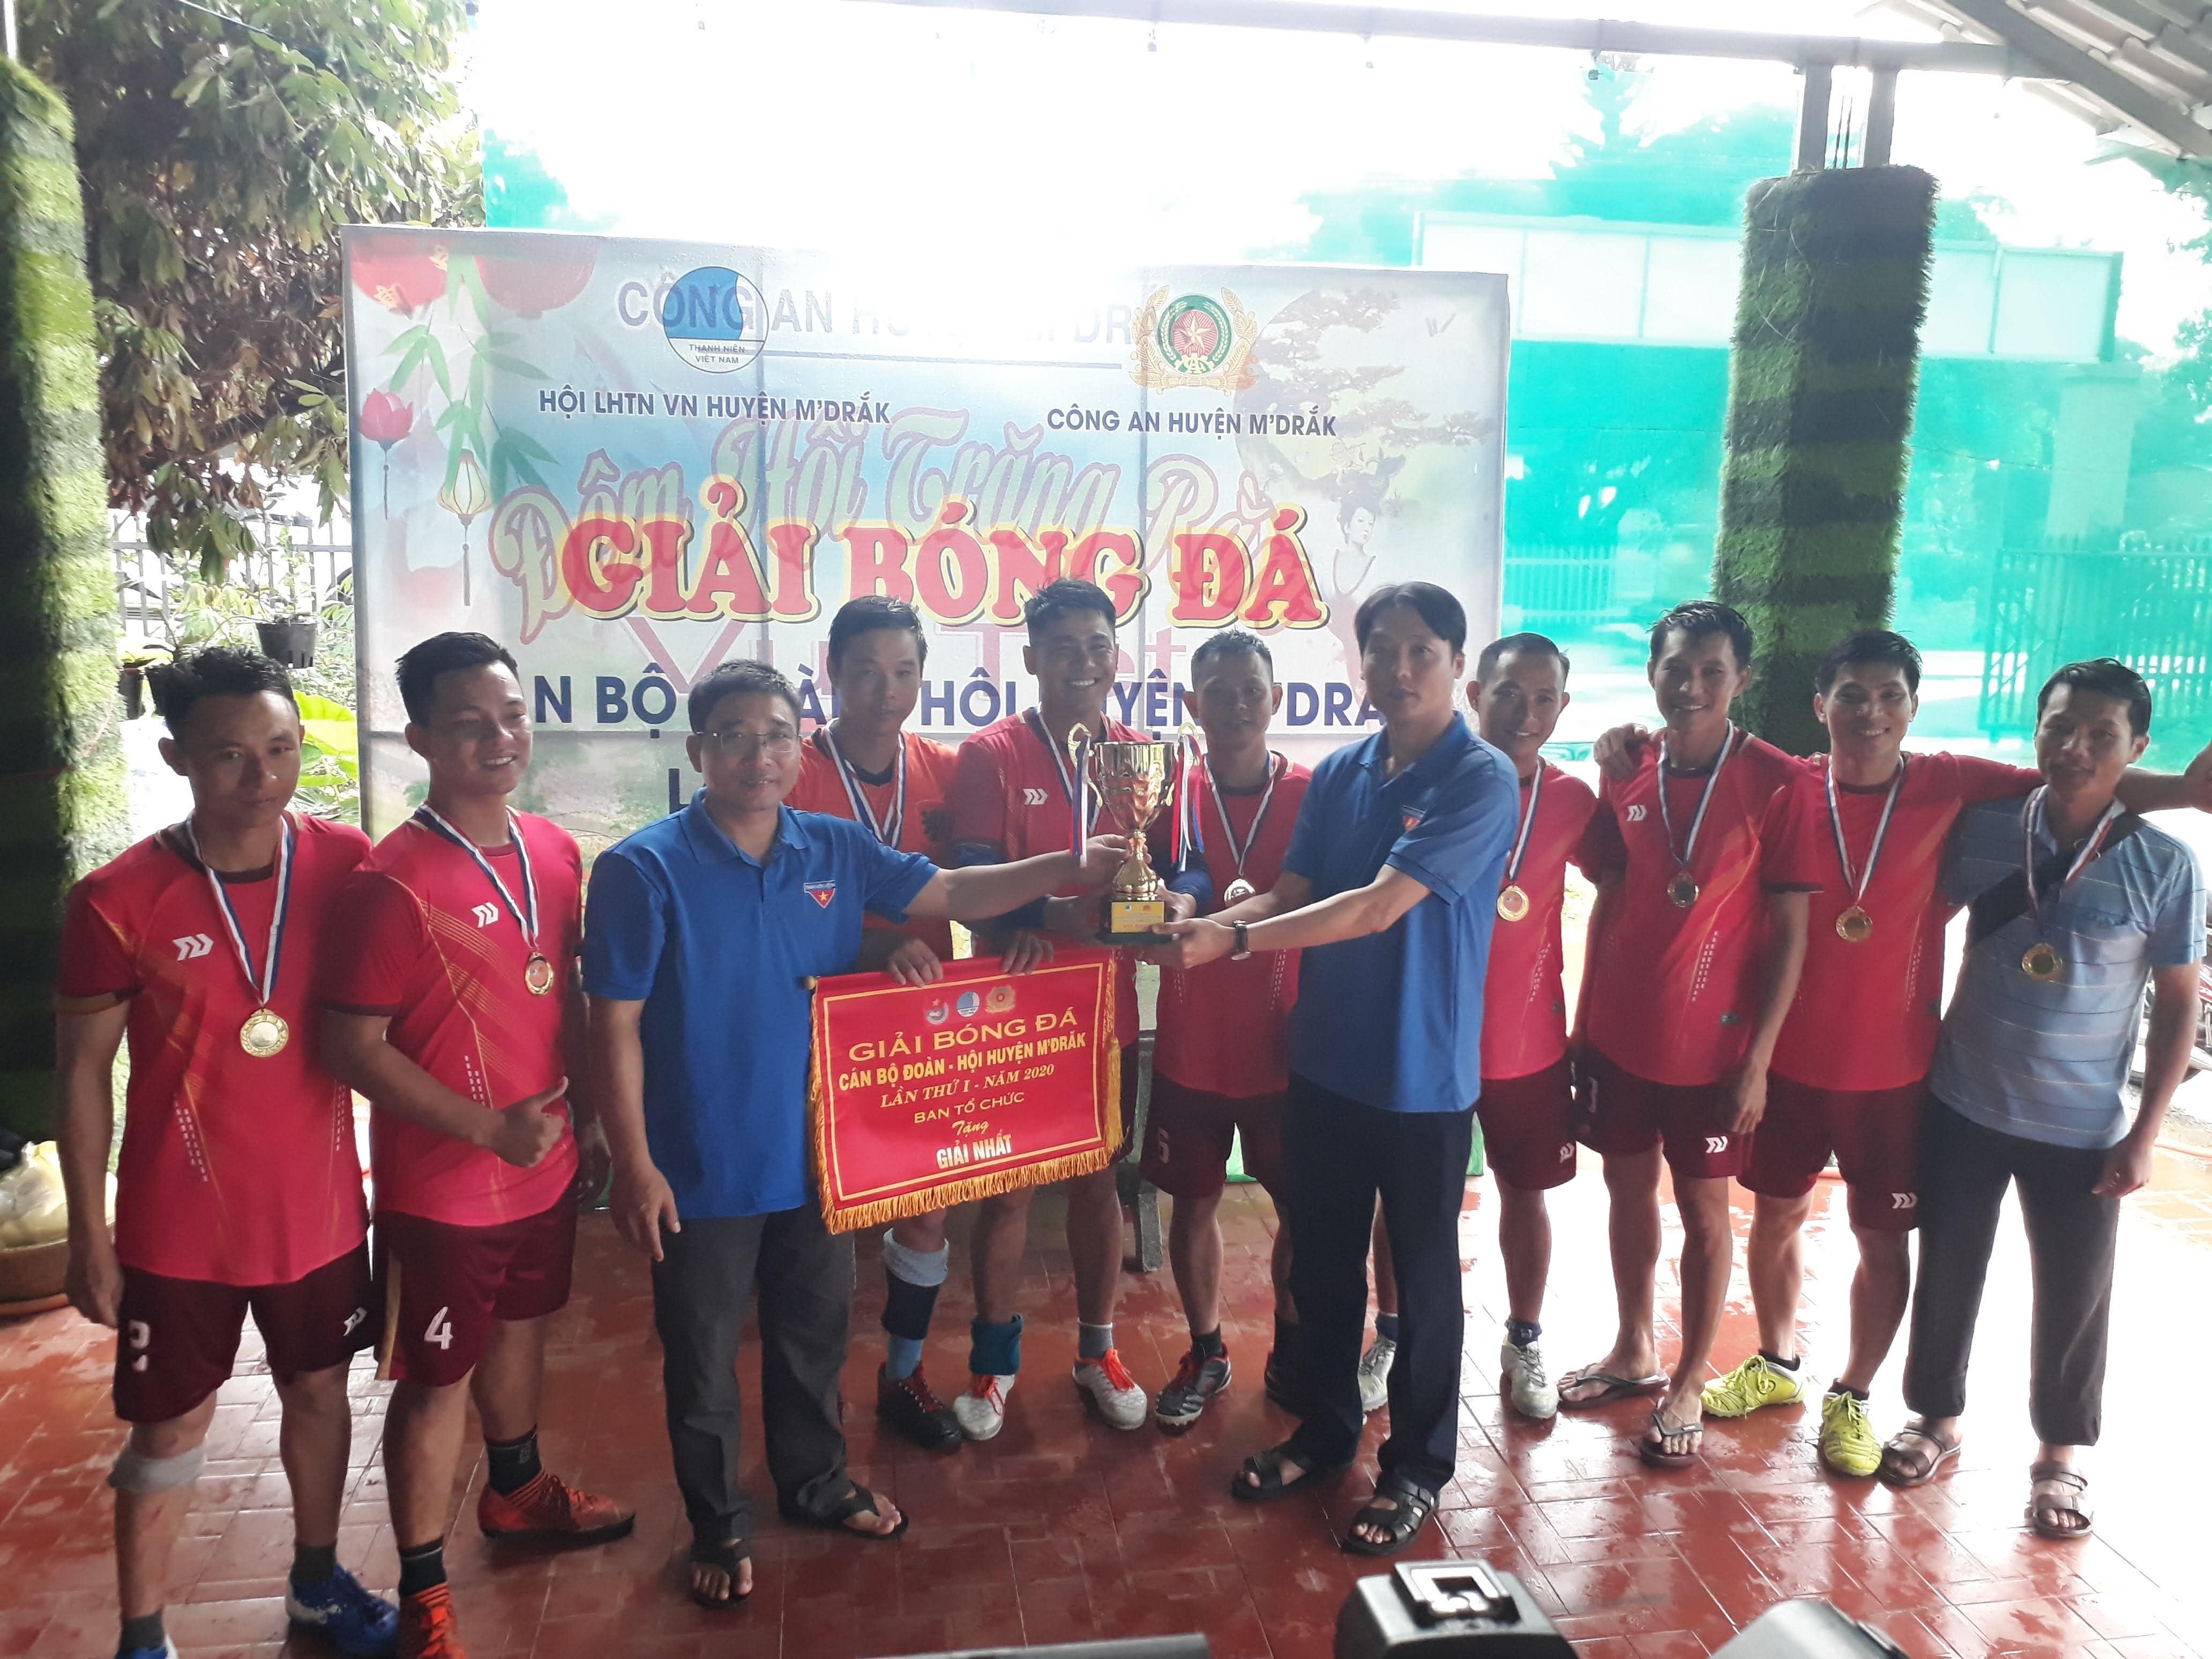 Huyện M'Drắk: Tổ chức Giải bóng đá truyền thống cán bộ Đoàn- Hội lần thứ I năm 2020